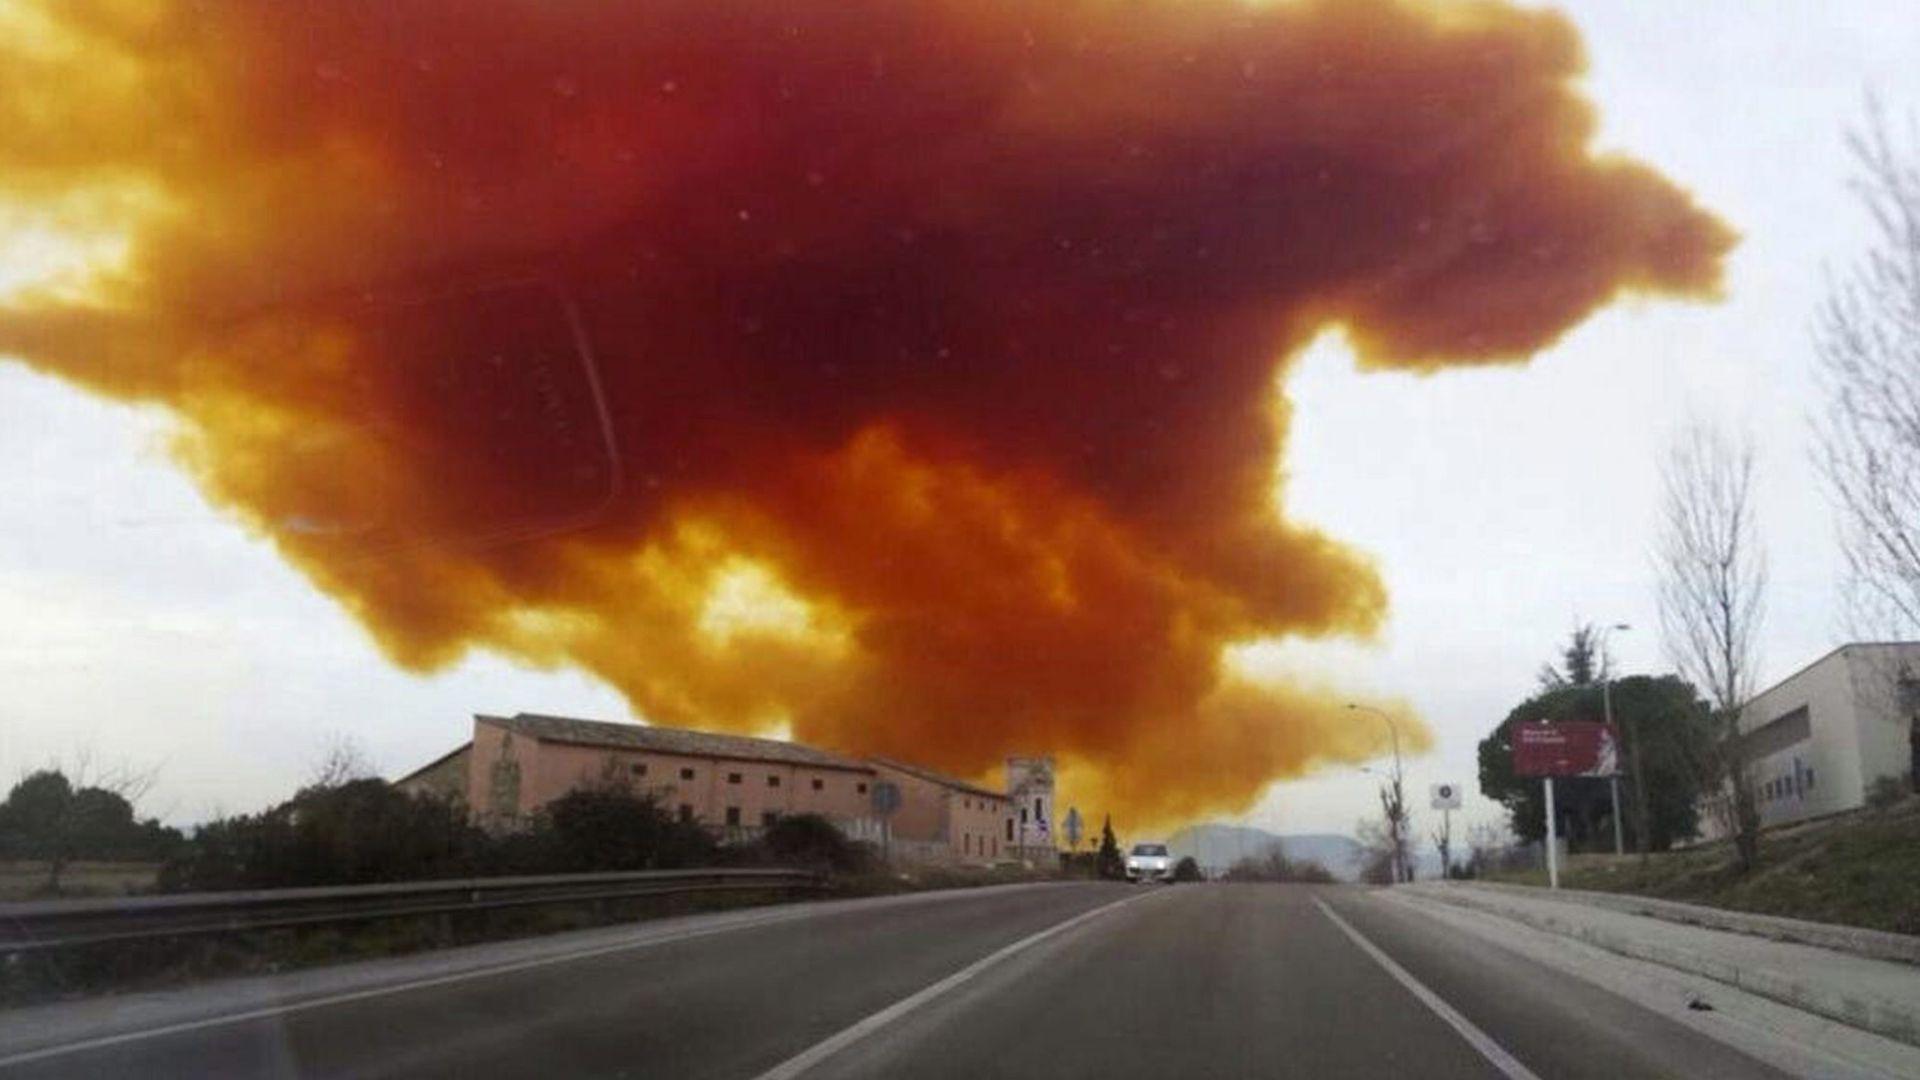 KIŠA IZAZIVA OPEKLINE Oblak toksičnog plina nad brazilskog lukom Santos nakon kemijske eksplozije